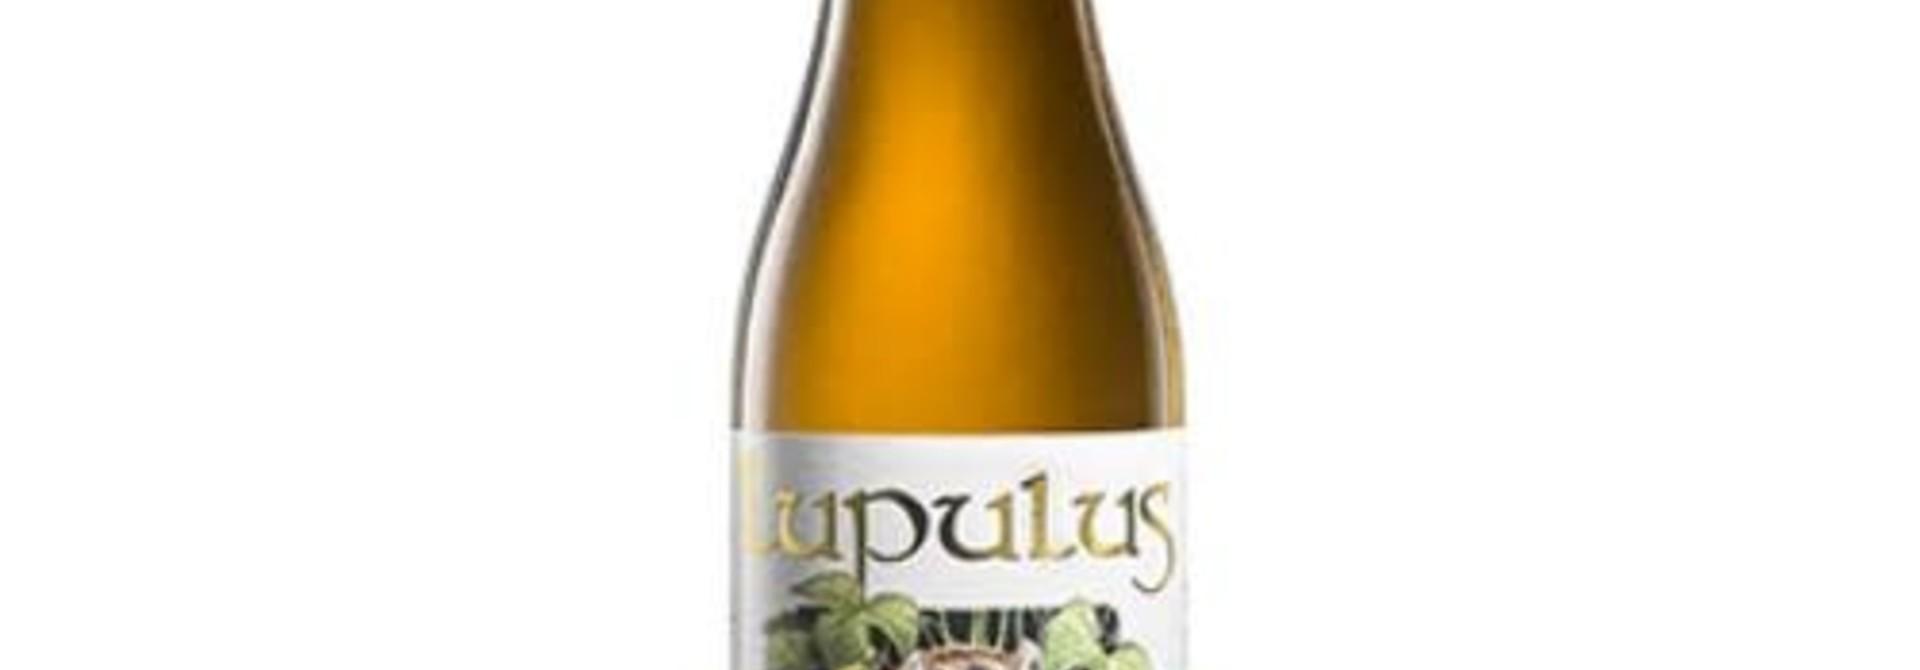 LUPULUS Tripel 75CL